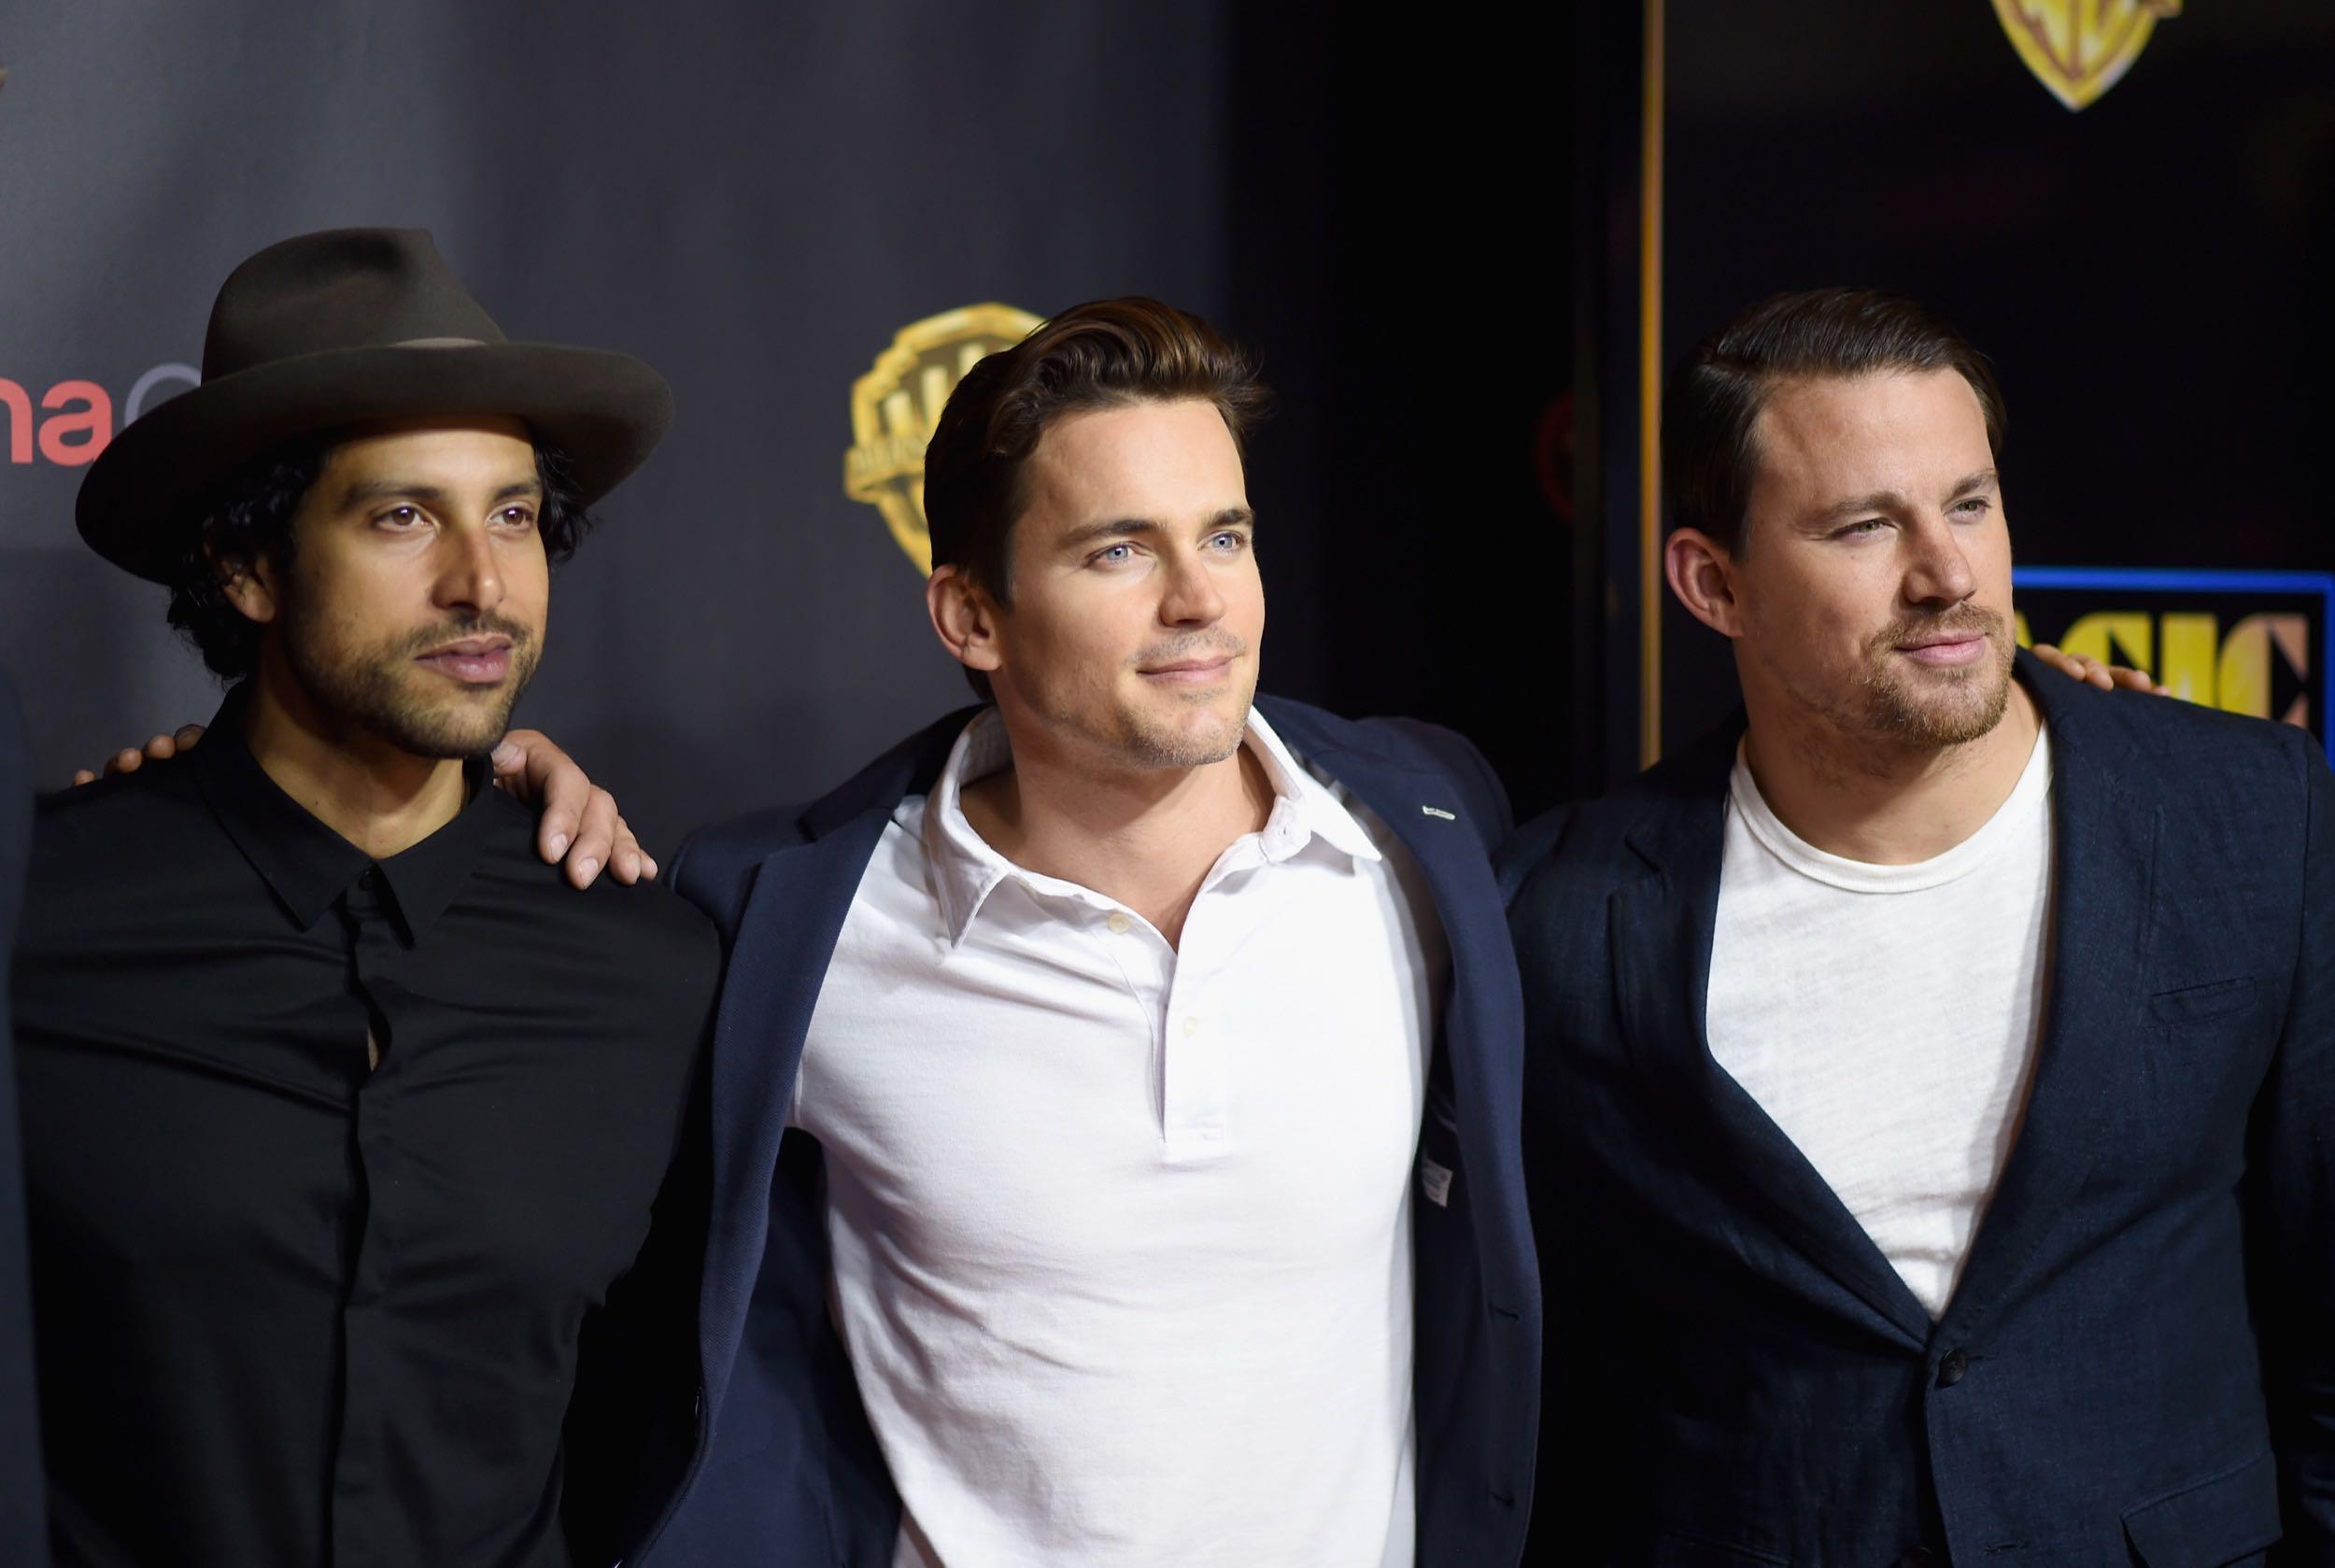 Matt attends Warner Bros. Cinemacon